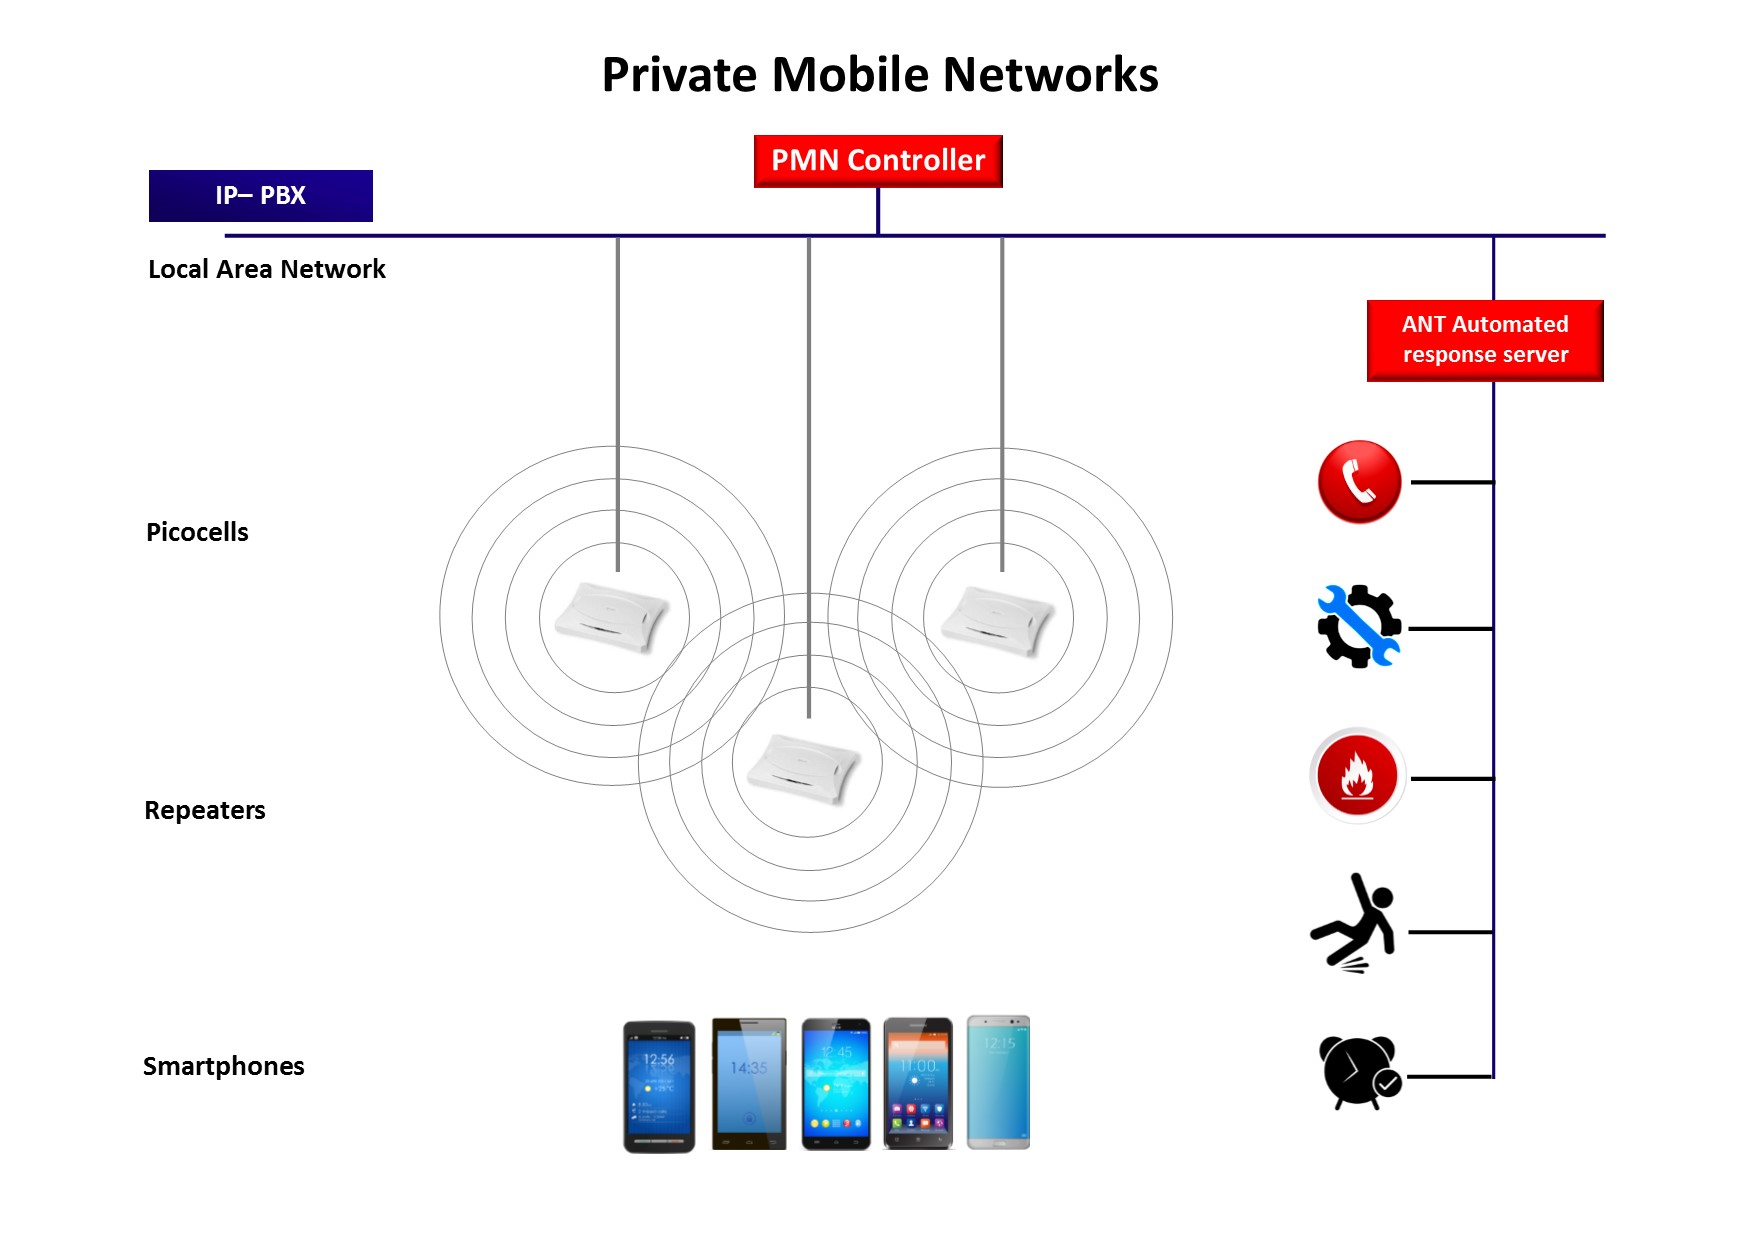 Private Mobile Network schematic